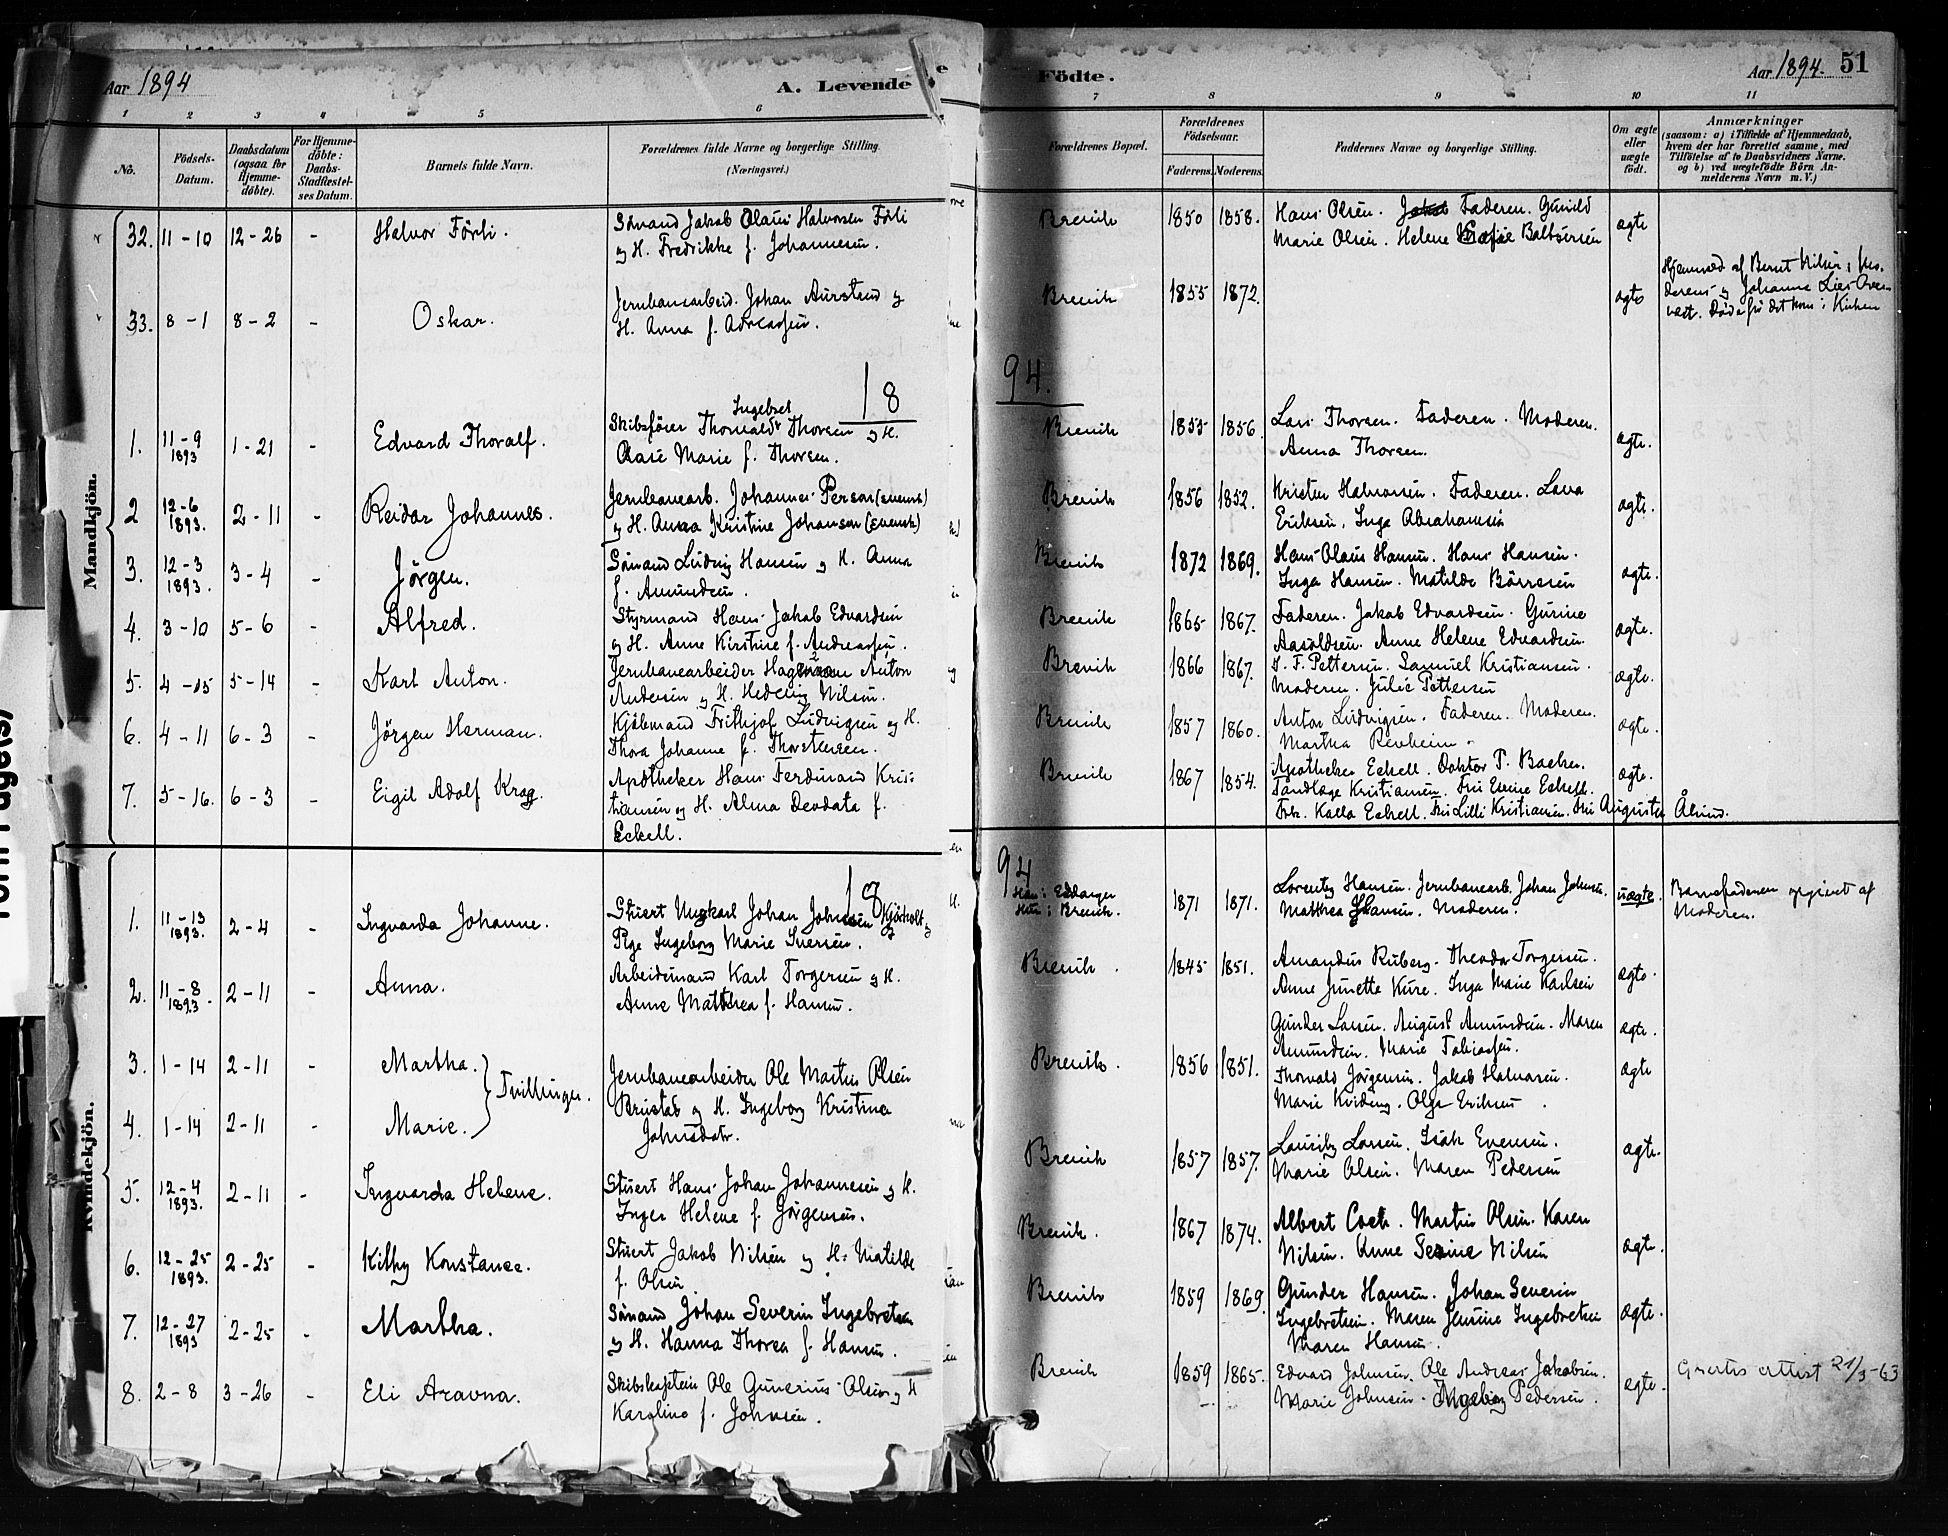 SAKO, Brevik kirkebøker, F/Fa/L0007: Ministerialbok nr. 7, 1882-1900, s. 51